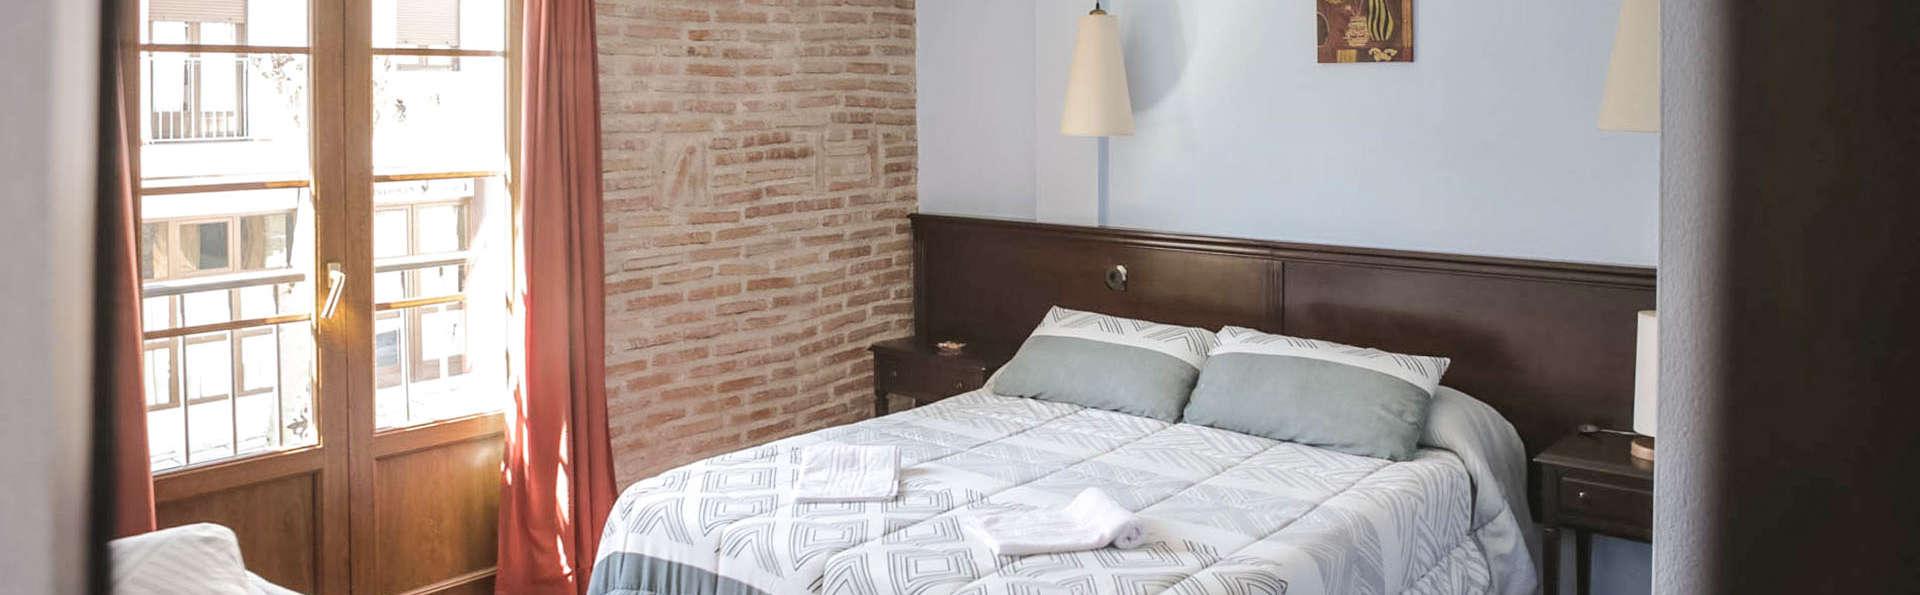 Hospedium Hotel La Fuente - EDIT_Hotel_la_Fuente_-_Candelario_11.jpg